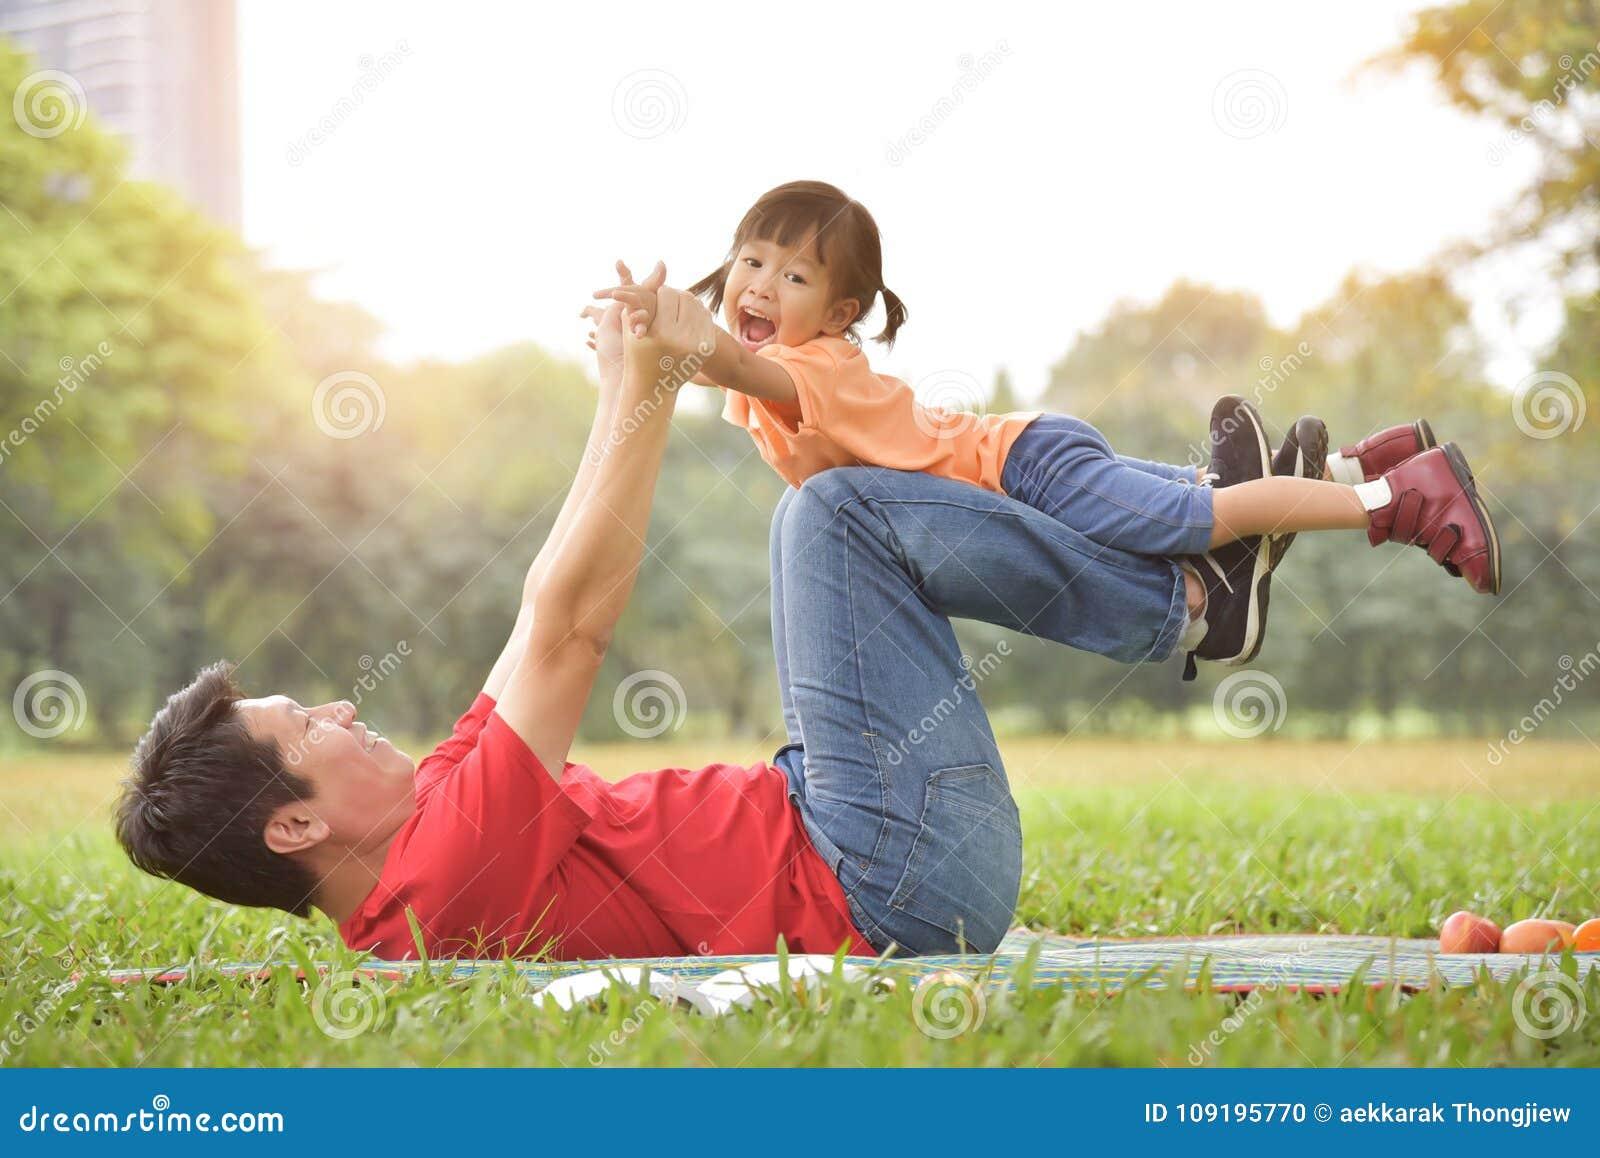 Ασιατικός πατέρας και η κόρη του που παίζουν από κοινού